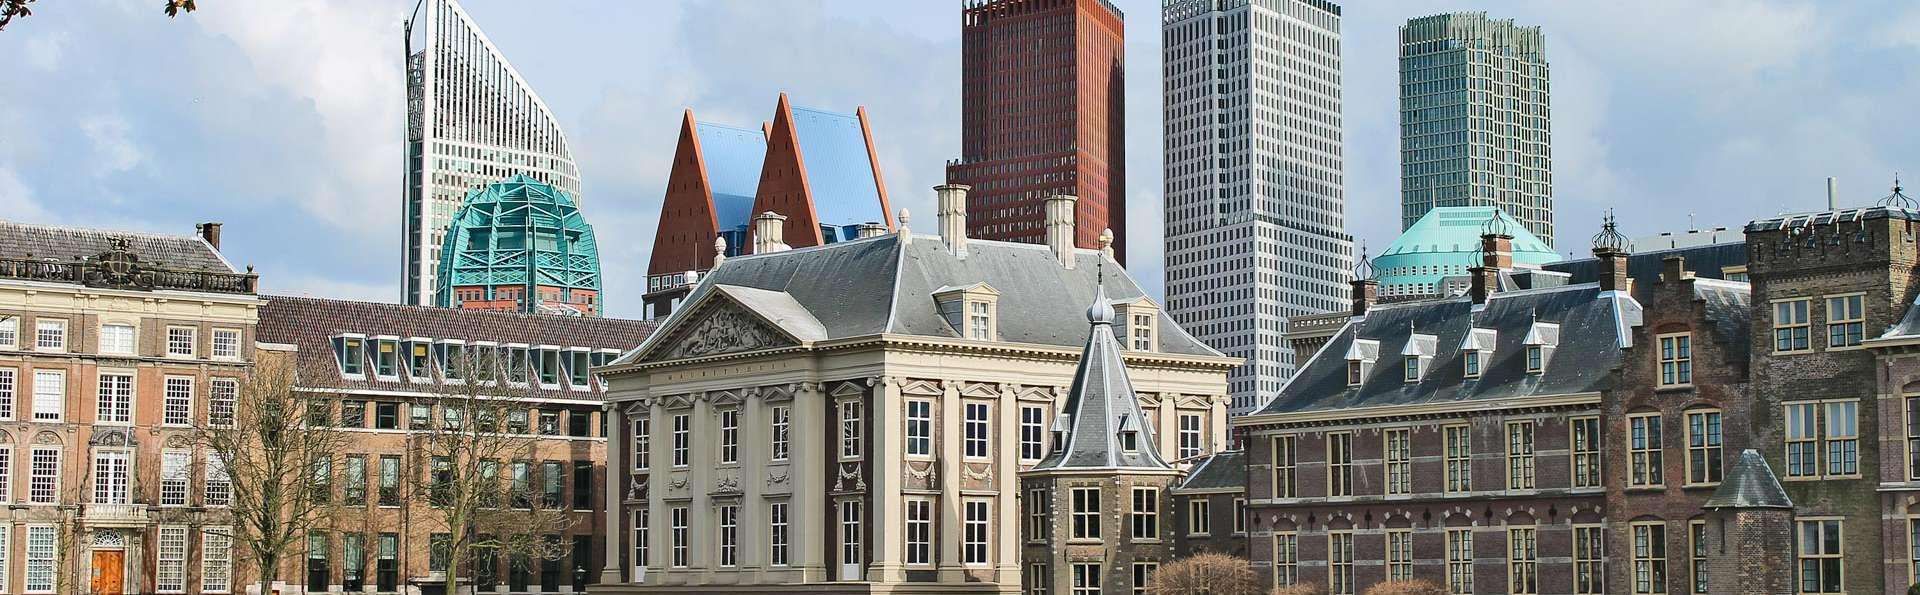 Découvrez les plus beaux endroits de La Haye (2 nuits)